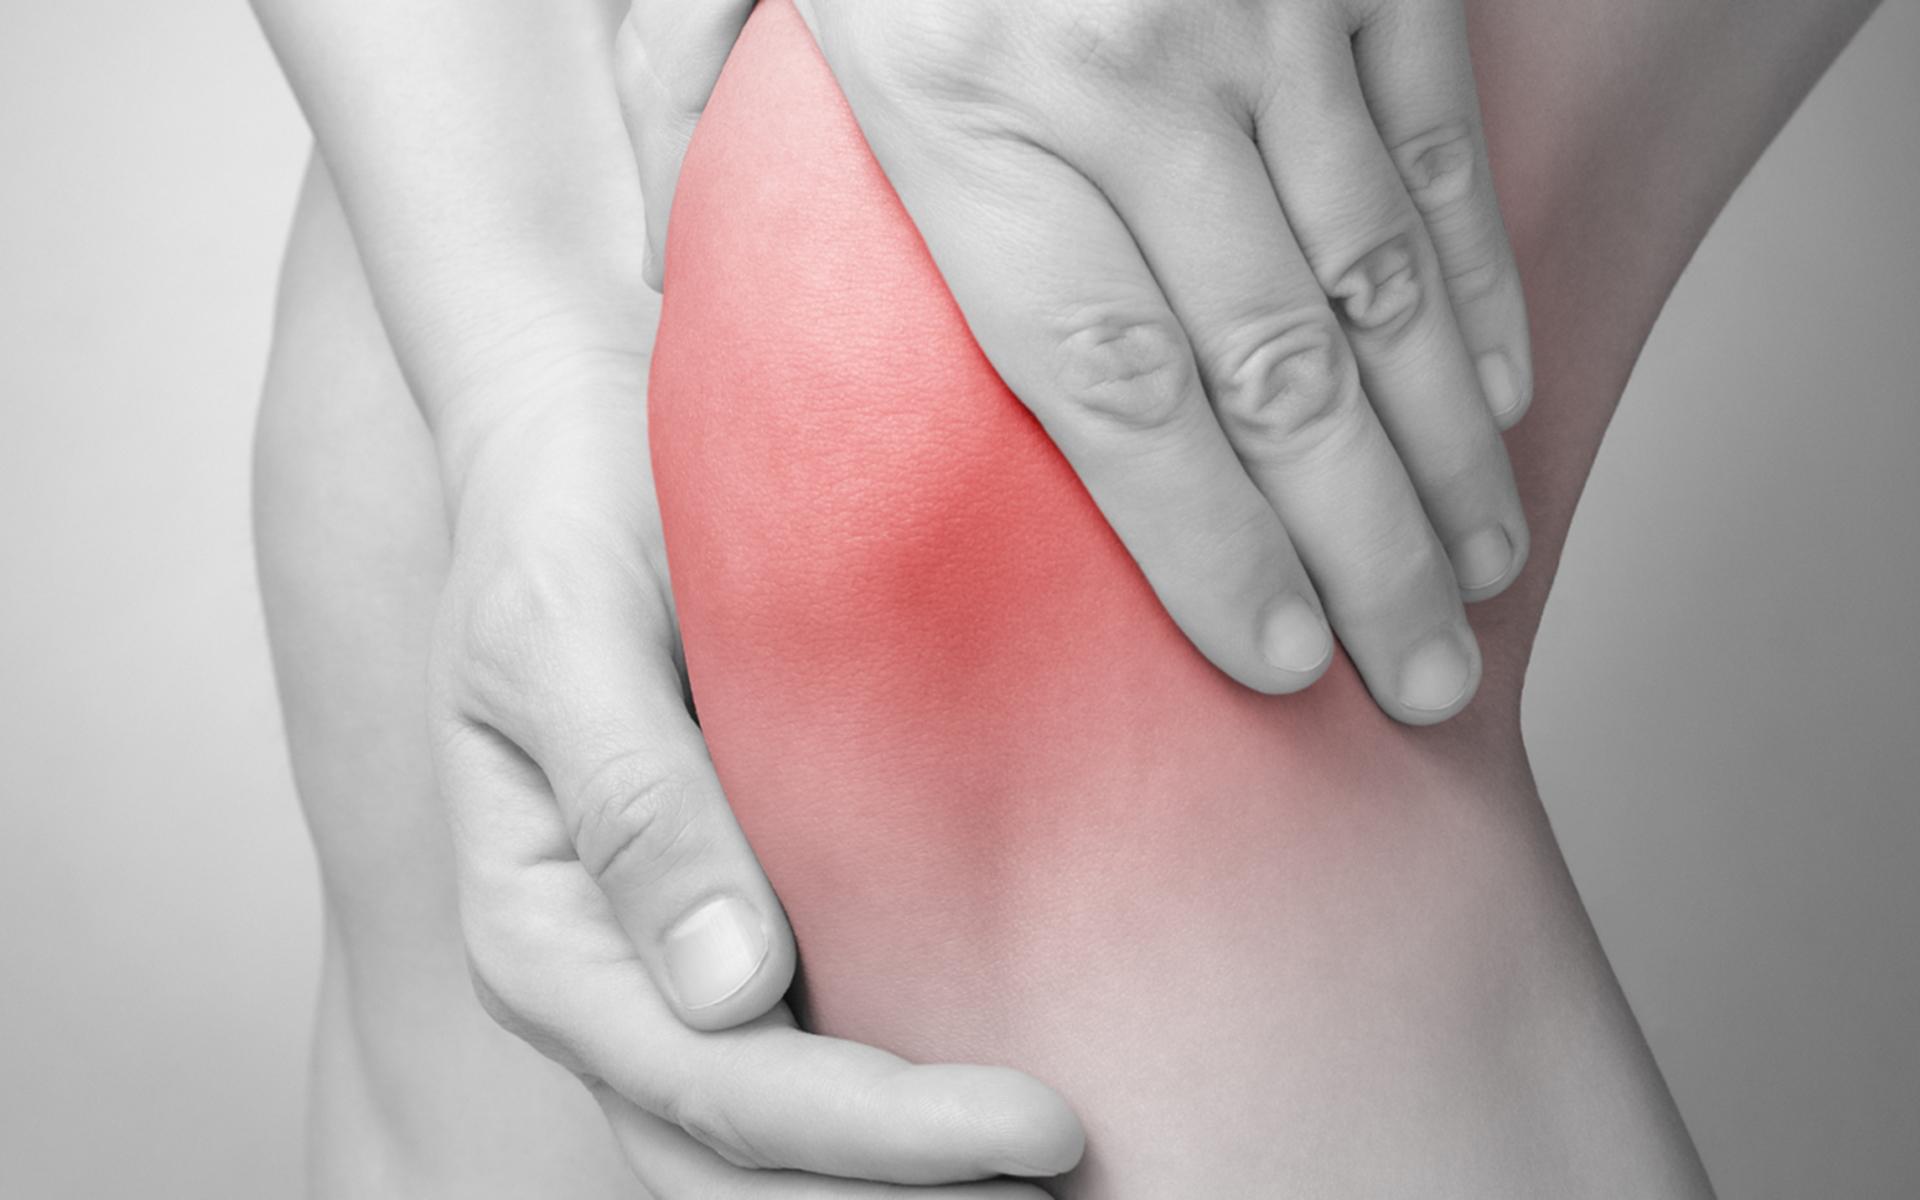 b cure. b-cure, b cure laser, b-cure laser, stop durere, durere, opreste durerea, oprește durerea, laser, tratament laser, terapie laser, gabriela vilcea, gabriela vîlcea, gy medical solutions, vindeca durerea, vindecă durerea, aparat pentru durere, aparat medical pentru durere, dispozitiv pentru durere, dispozitiv tratament durere, aparat tratament durere, dispozitiv medical pentru durere, tratament durere laser, terapie durere laser, durere cronica, durere cronică, soft laser, cold laser, laser lllt, sănătate, vindeca durerea, vindecă durerea, sanatate, sănătate, durere genunchi, durere de genunchi, gonartroza, gonartroză, lacramioara pralia, lăcrămioara pralia, etno, etno tv, sanatate inainte de toate, sănătate înainte de toate, emisiune etno, emisiune etno tv, emisiune sanatate inainte de toate, emisiunea sanatate inainte de toate